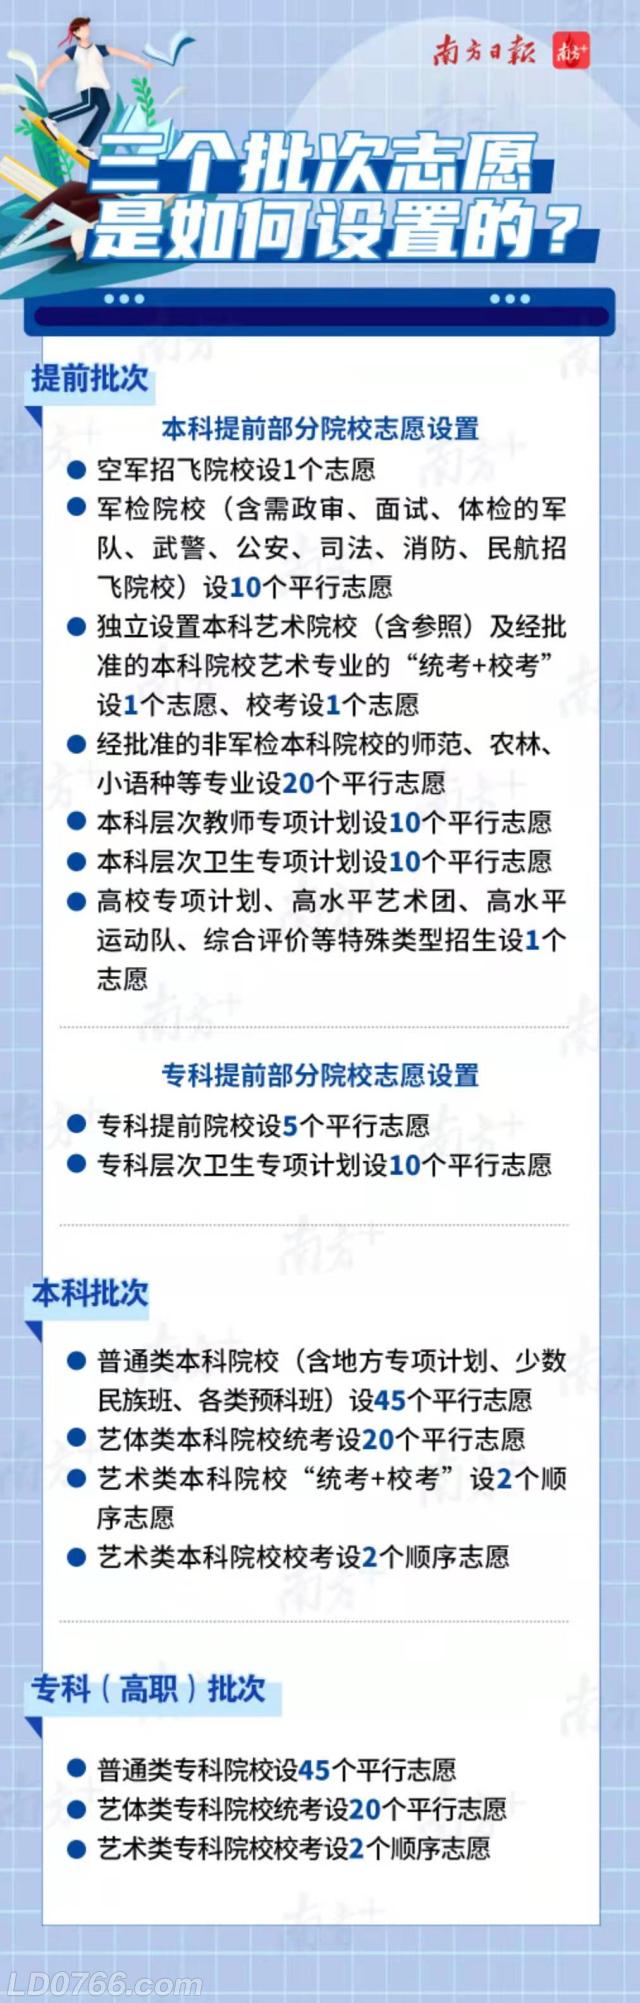 2021年的全国高考时间公布,广东不一样